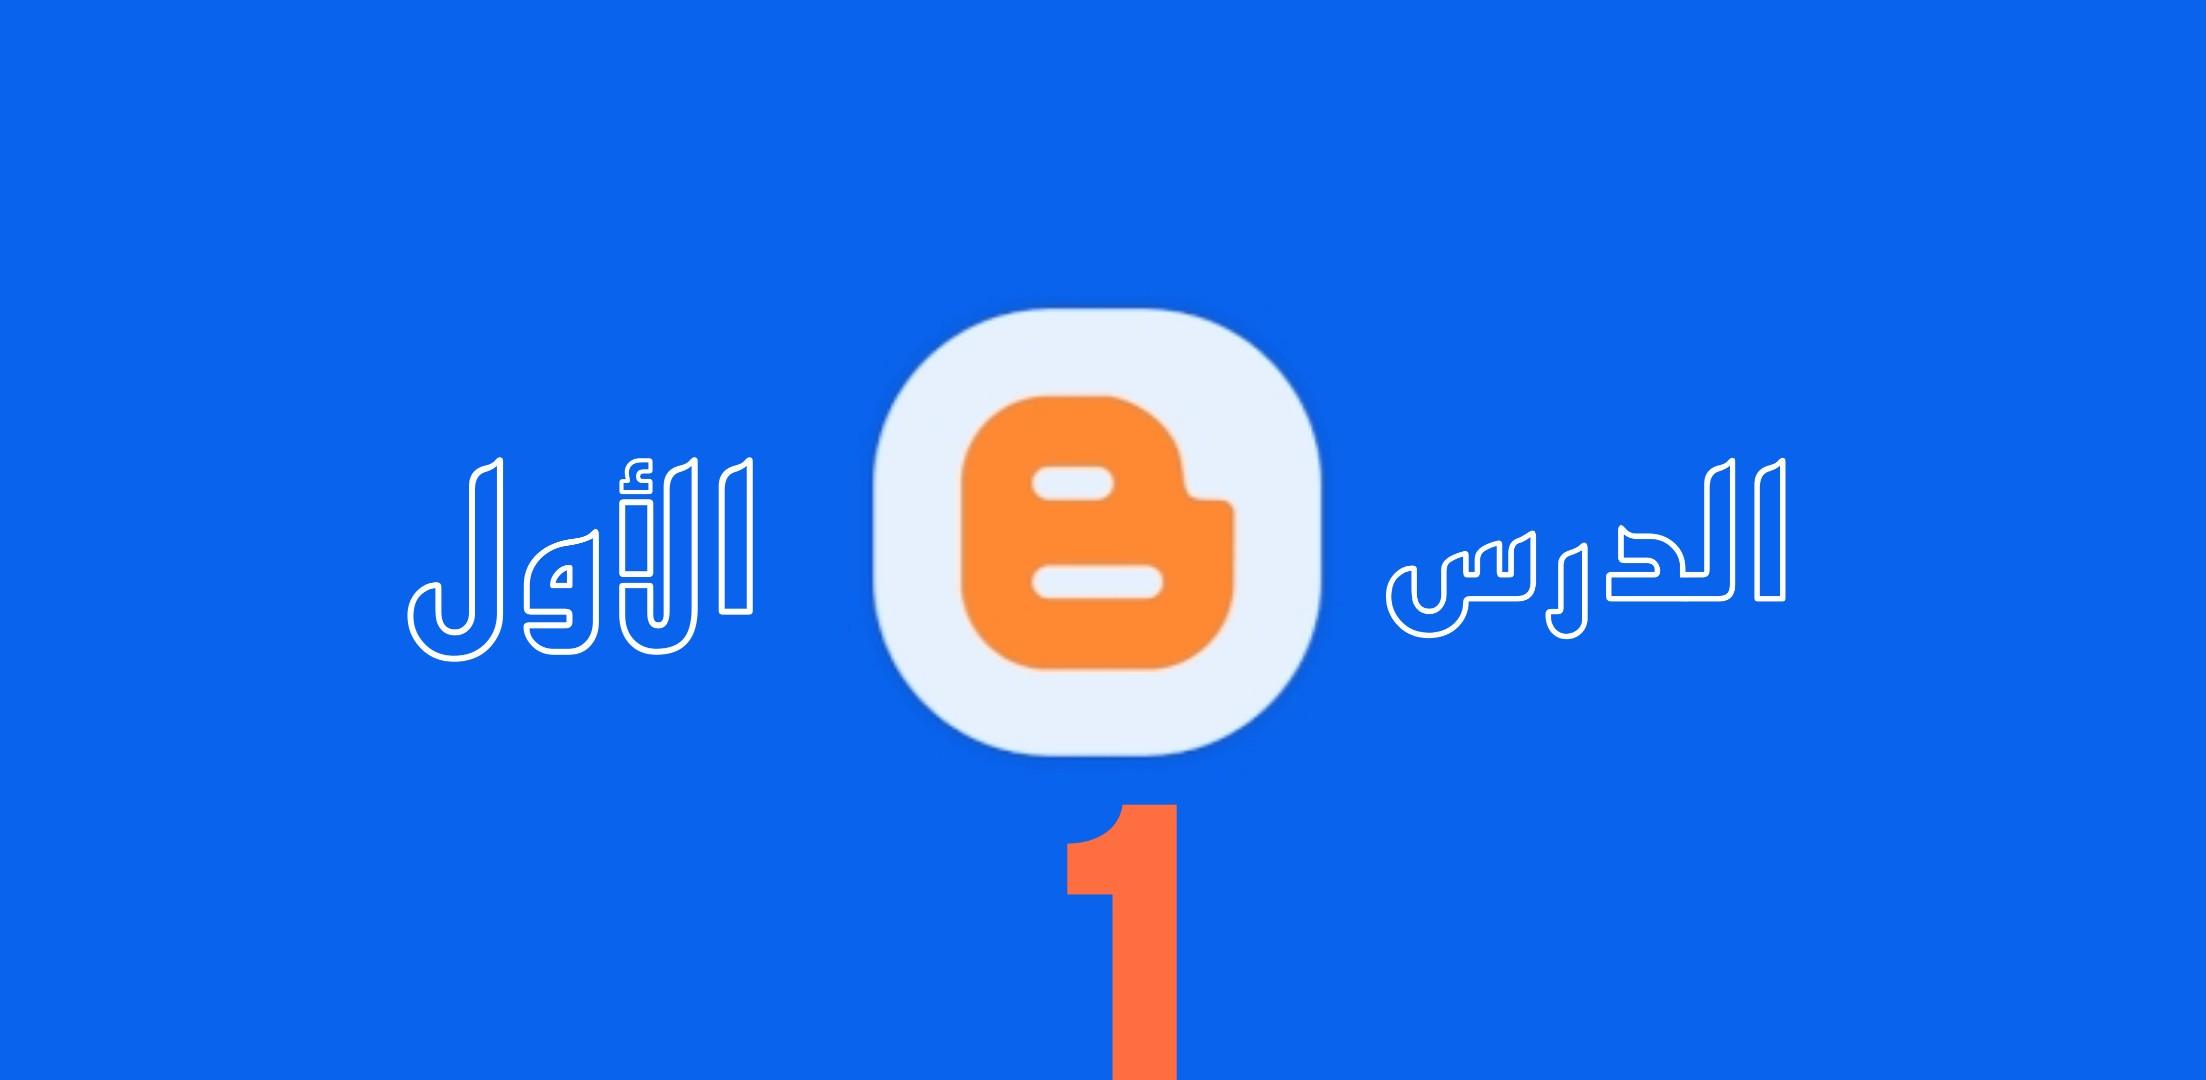 الدرس الأول : كيفية إنشاء مدونة بلوجر للمبتدئين